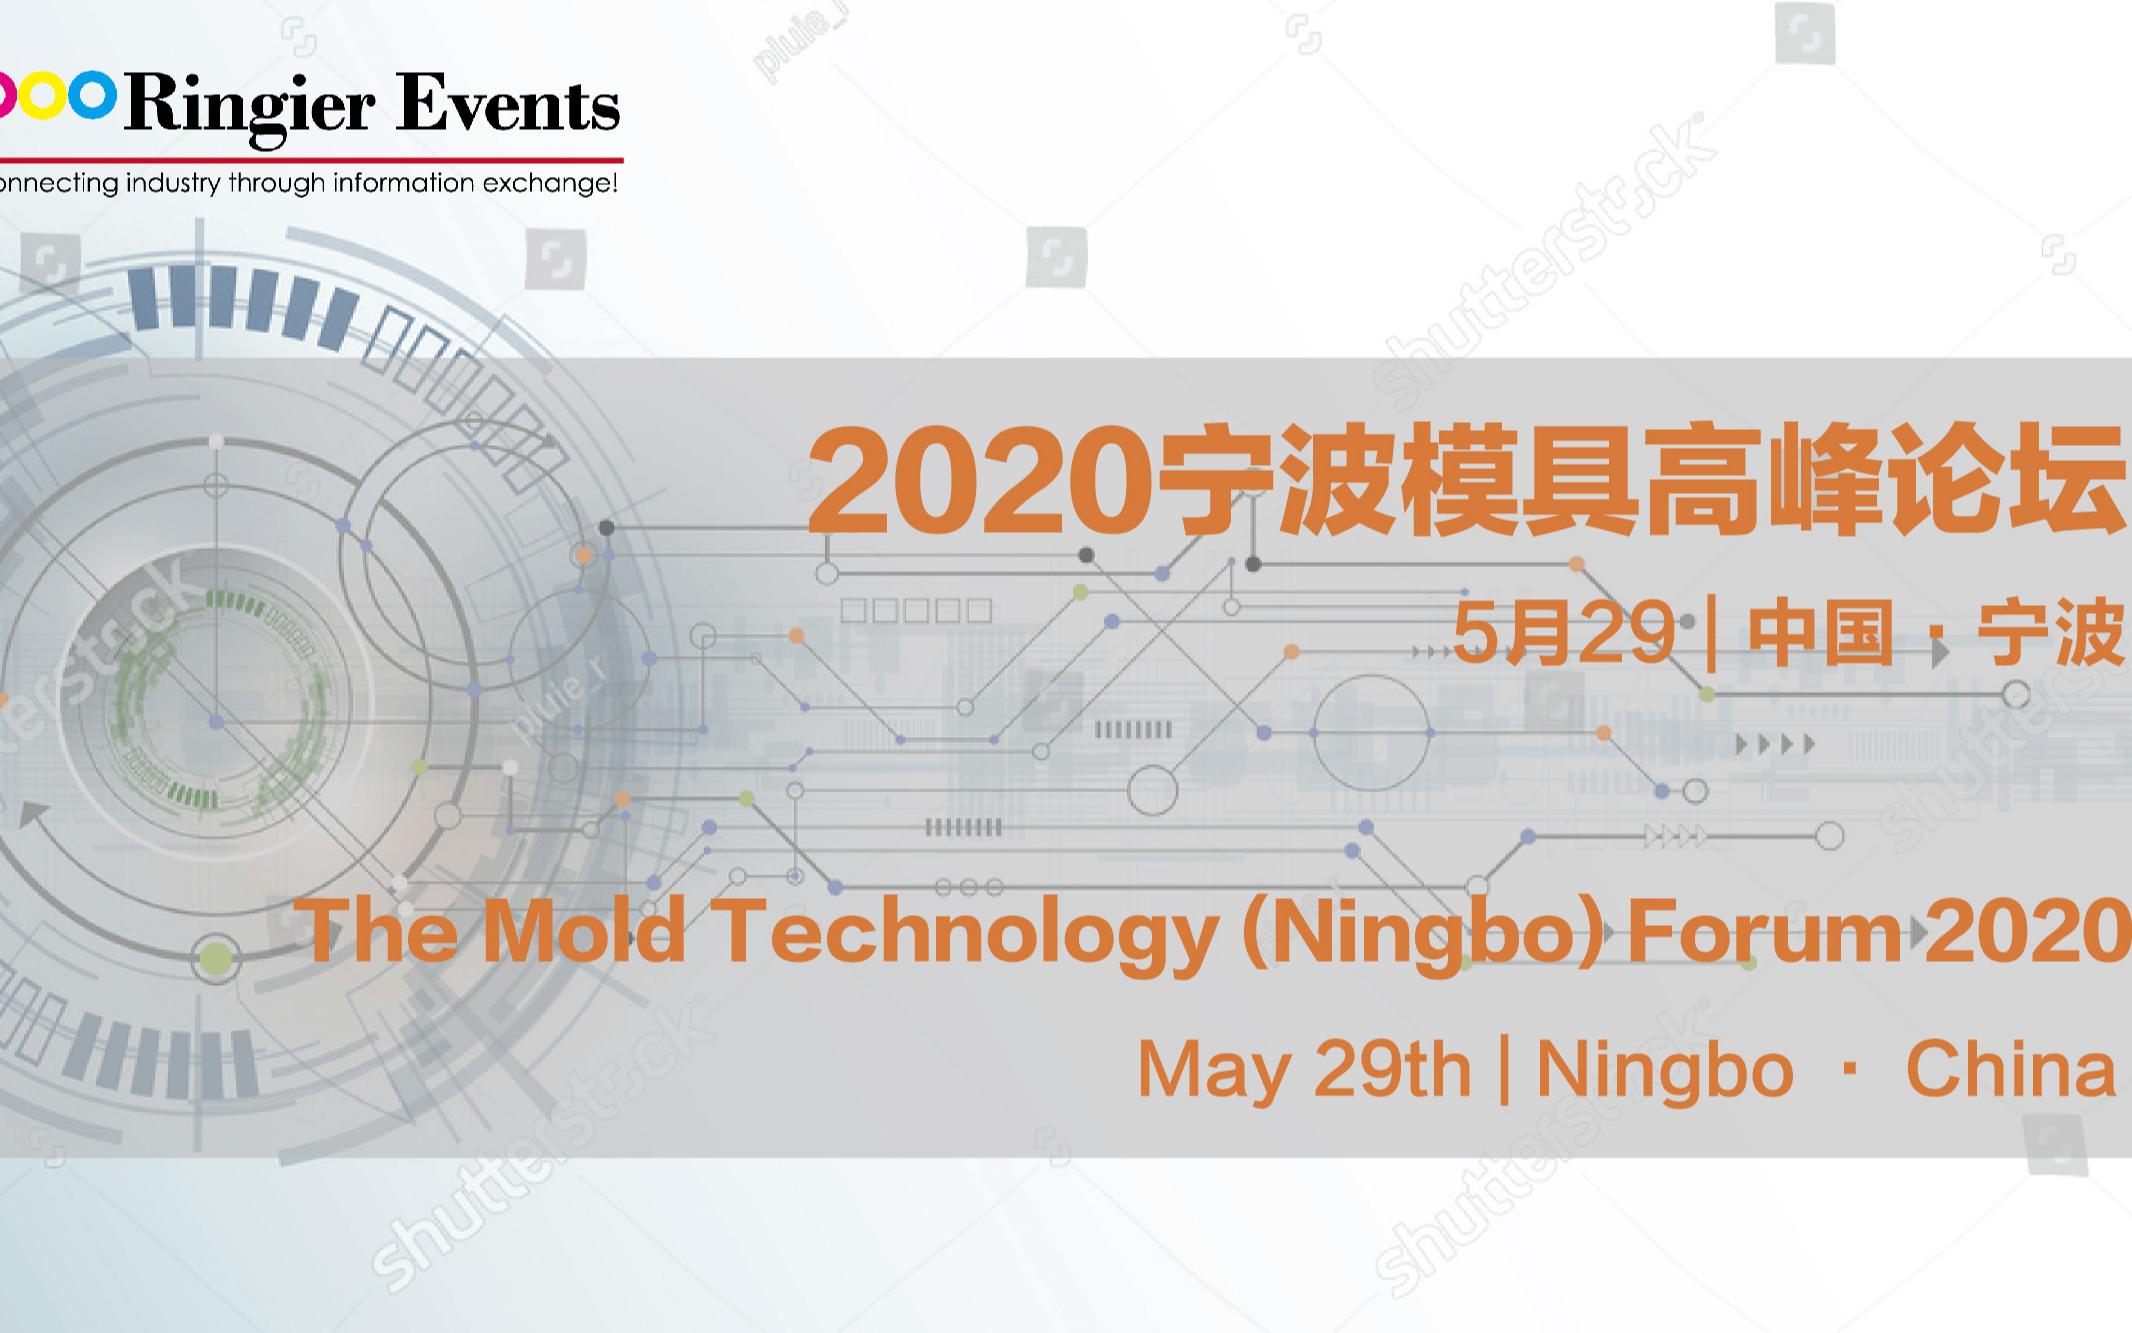 2020寧波模具高峰論壇